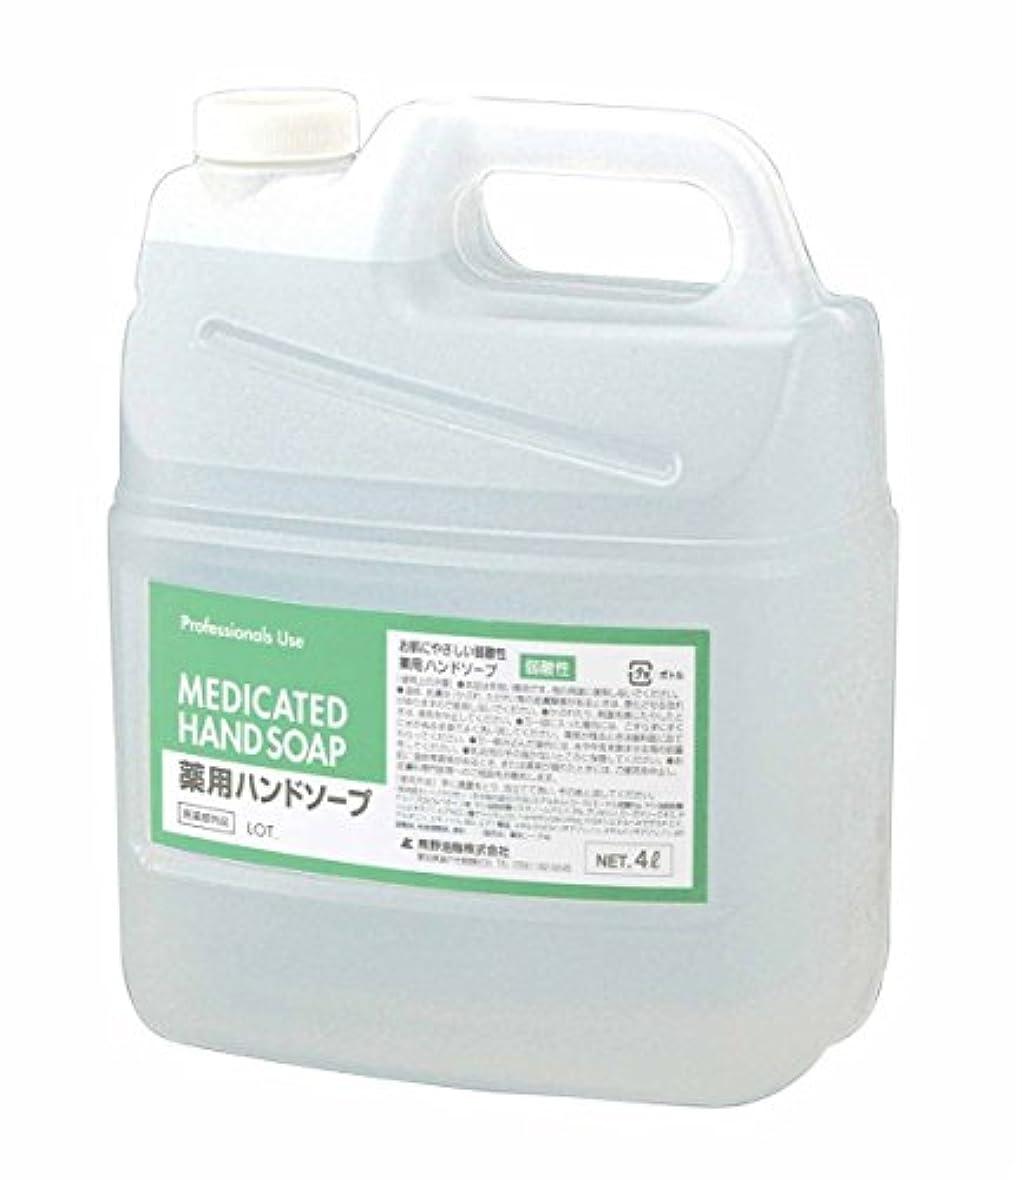 迷彩行商ファーマアクト 弱酸性薬用ハンドソープ 4L